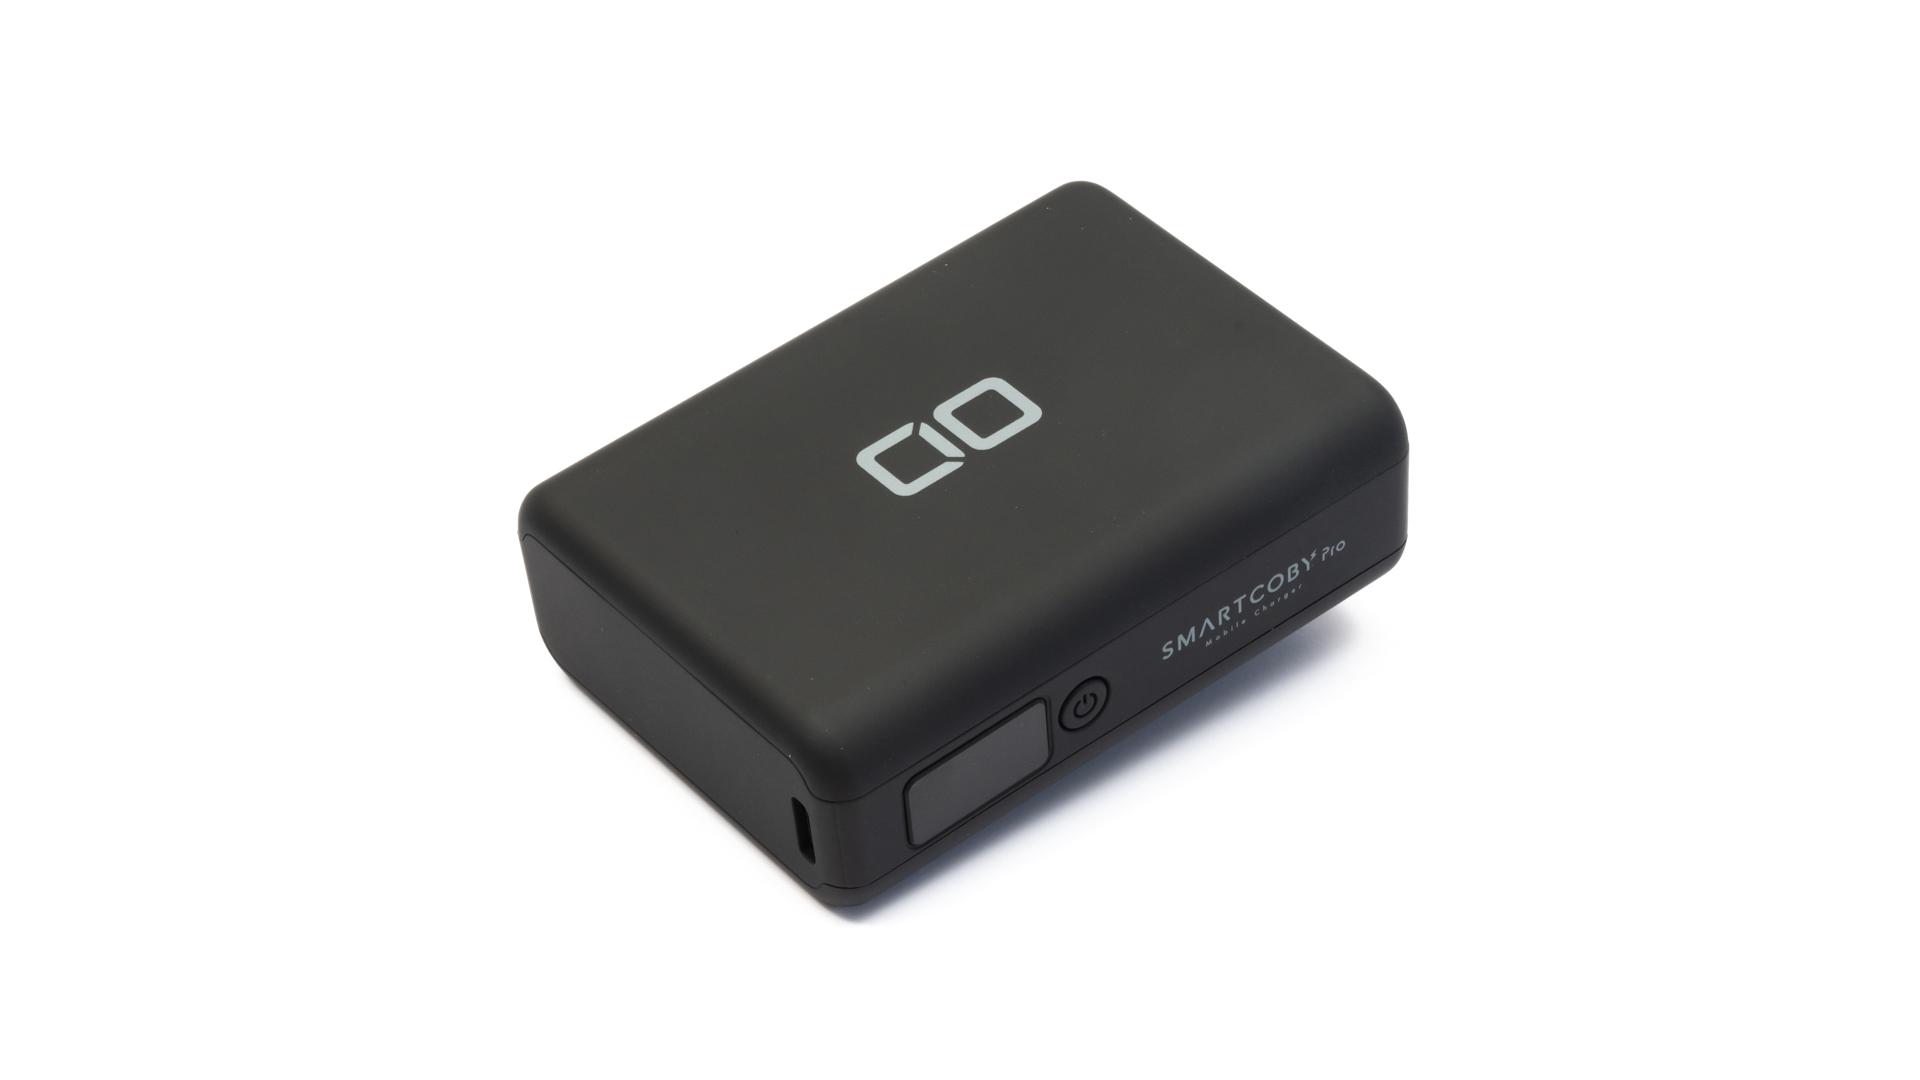 CIO SMARTCOBY Pro 30Wレビュー。容量10,000mAhで30Wの高出力が可能なモバイルバッテリー